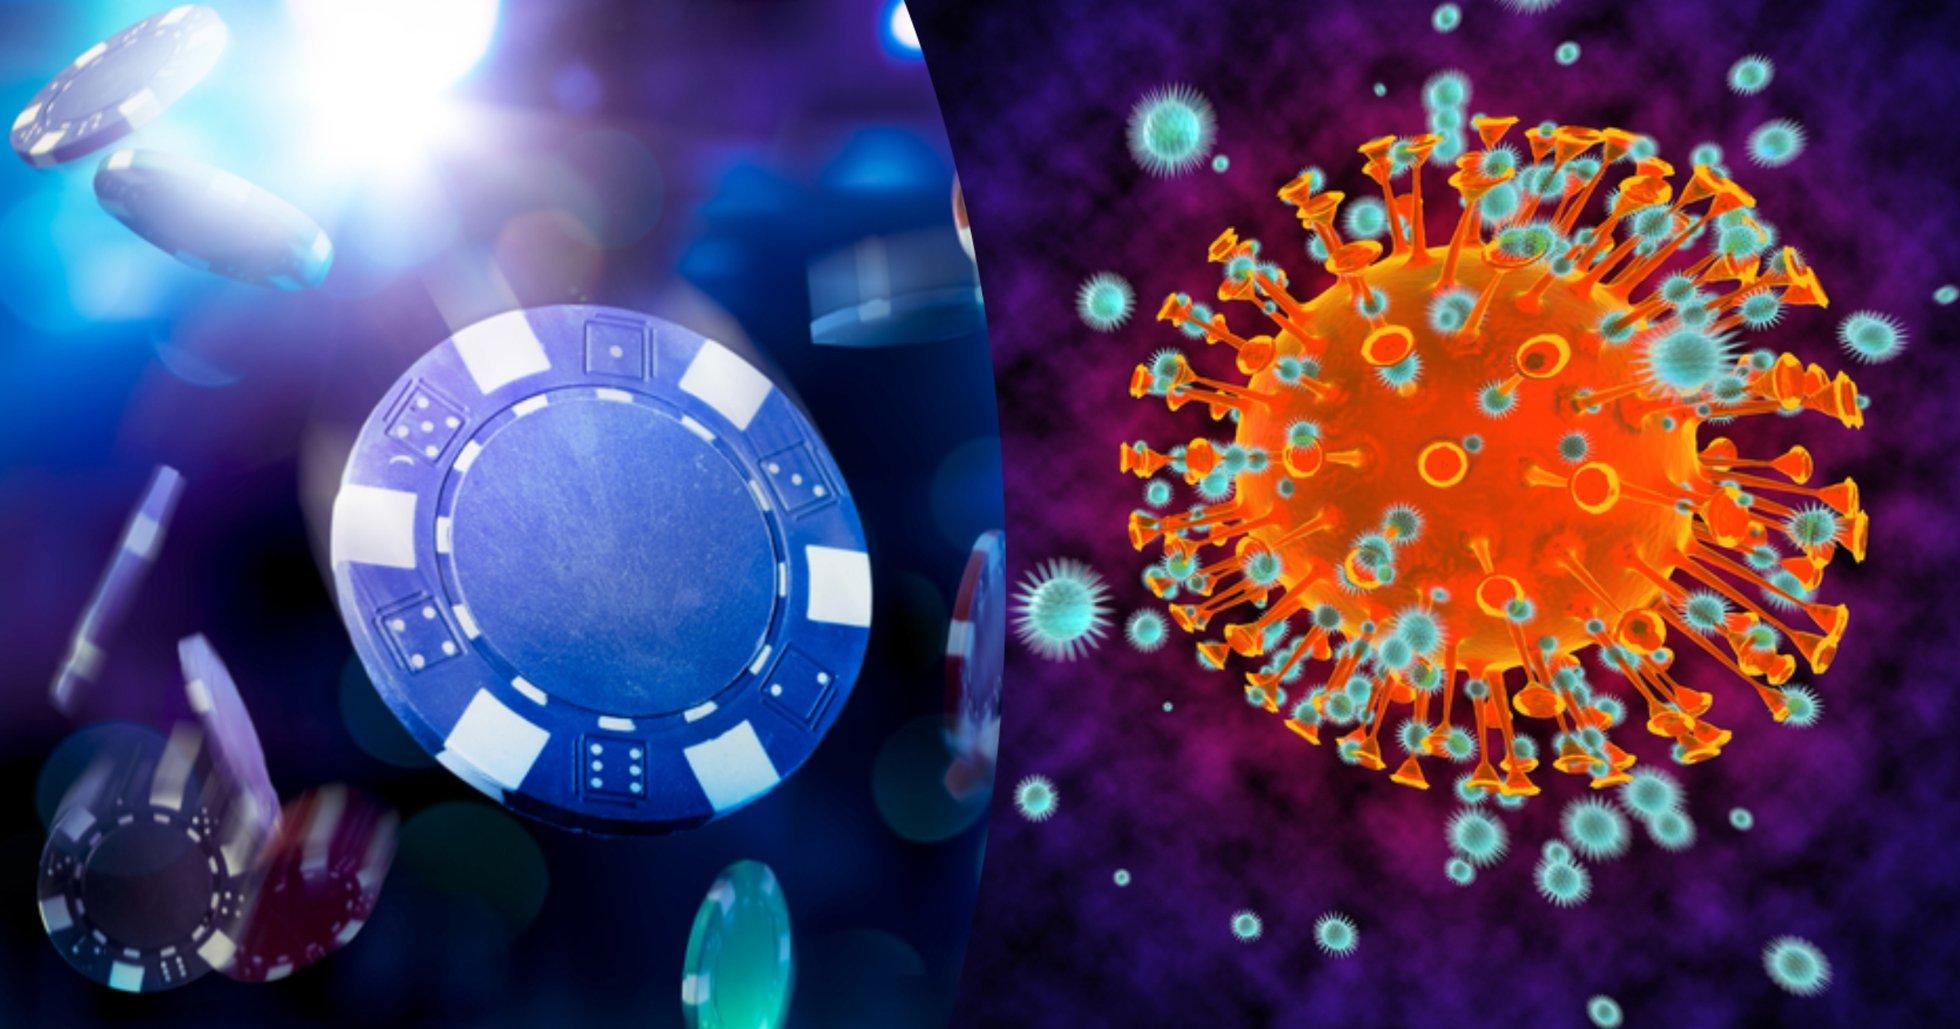 Kryptoplattform låter sina användare satsa pengar på coronapandemins spridning